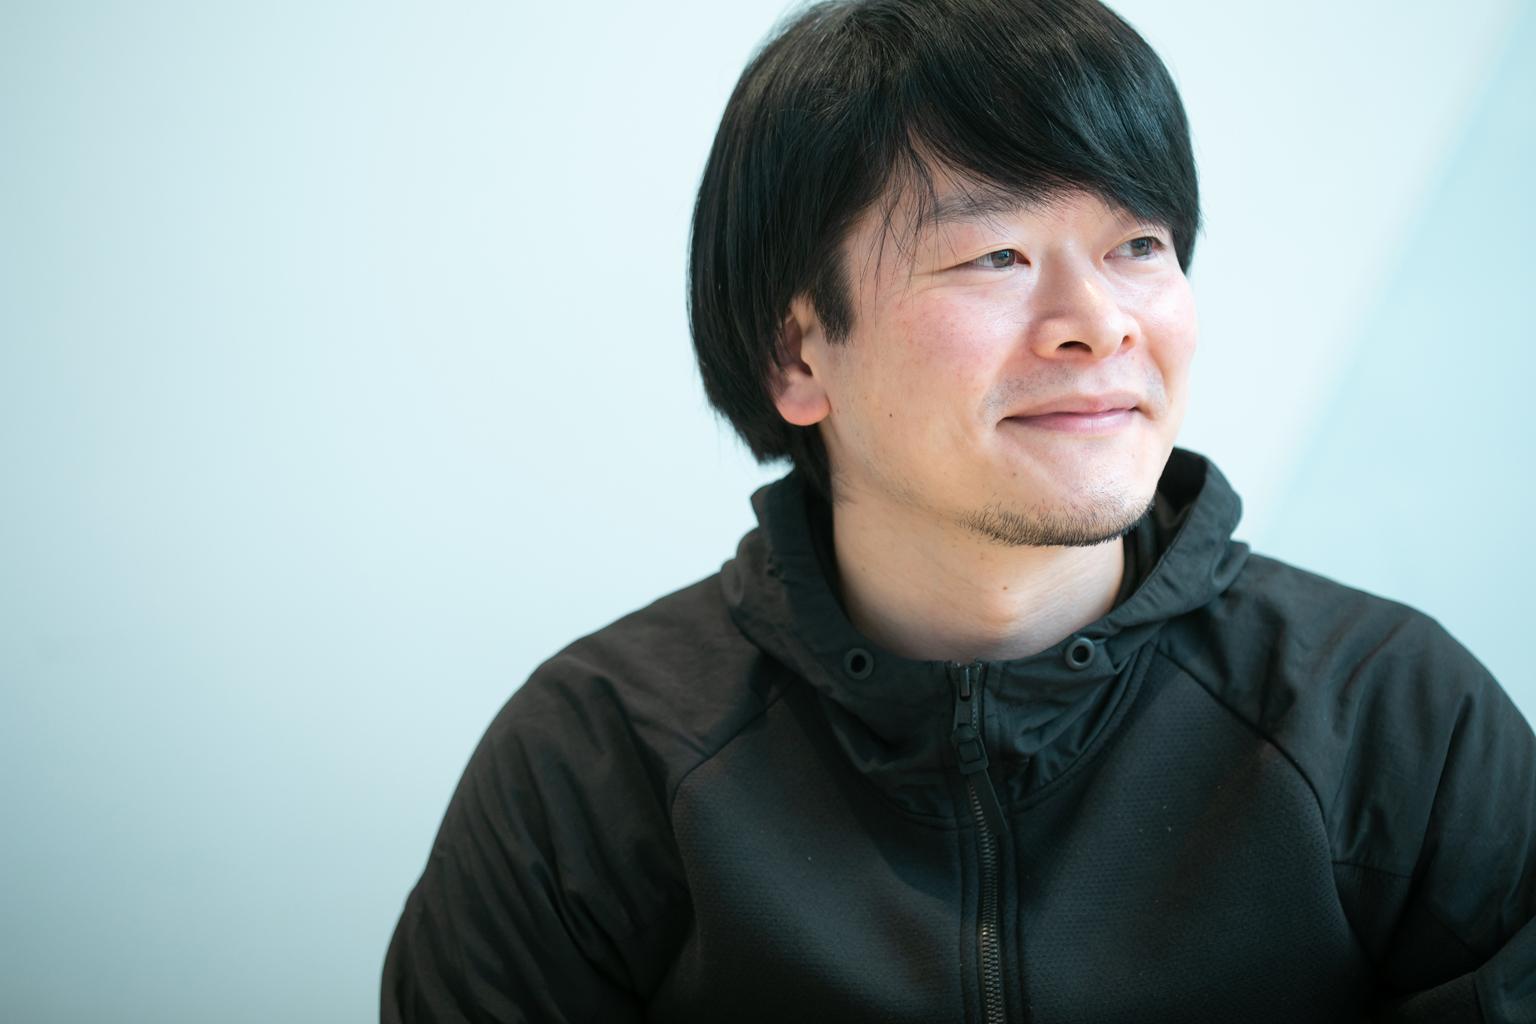 「シヤチハタ・ニュープロダクト・デザイン・コンペティション」第12回グランプリ 歌代悟さんスナップ